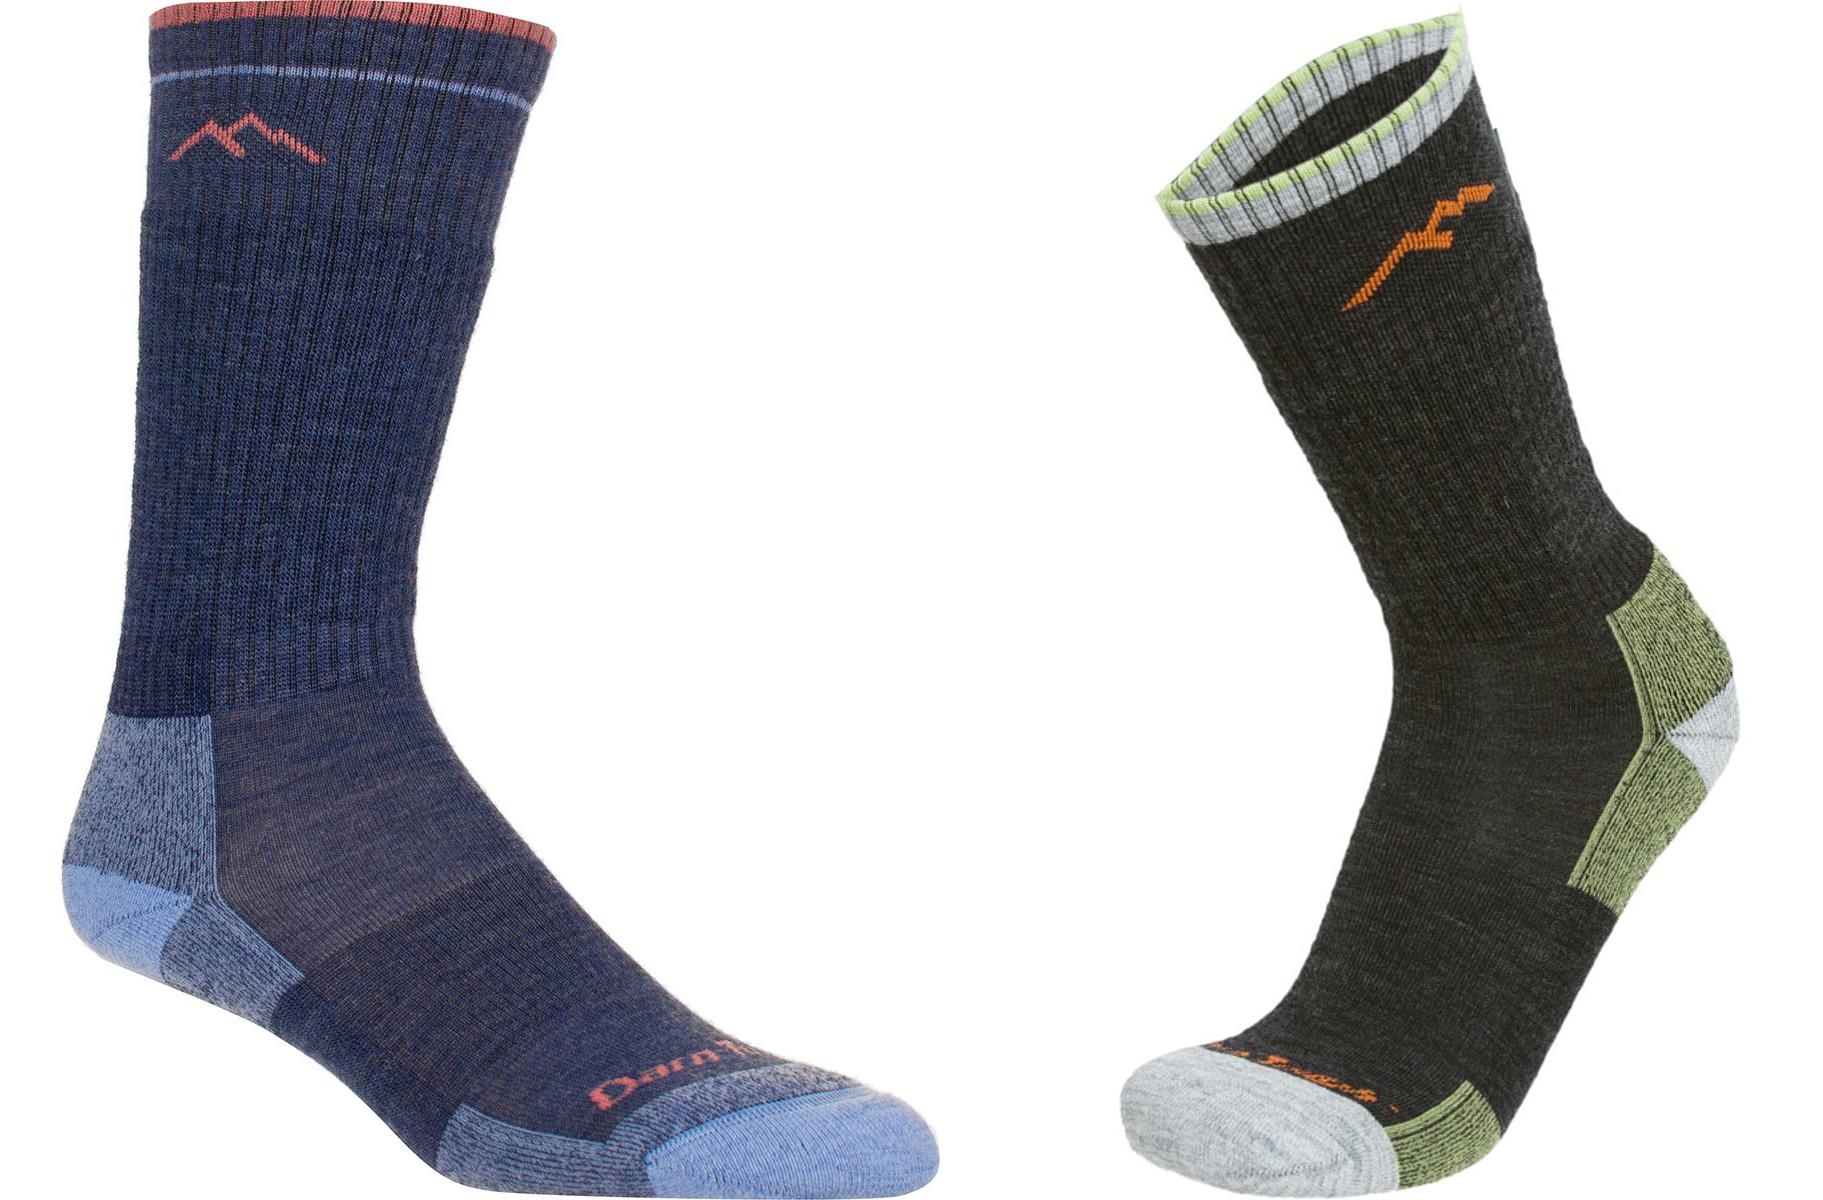 darn tough hiking sock sale